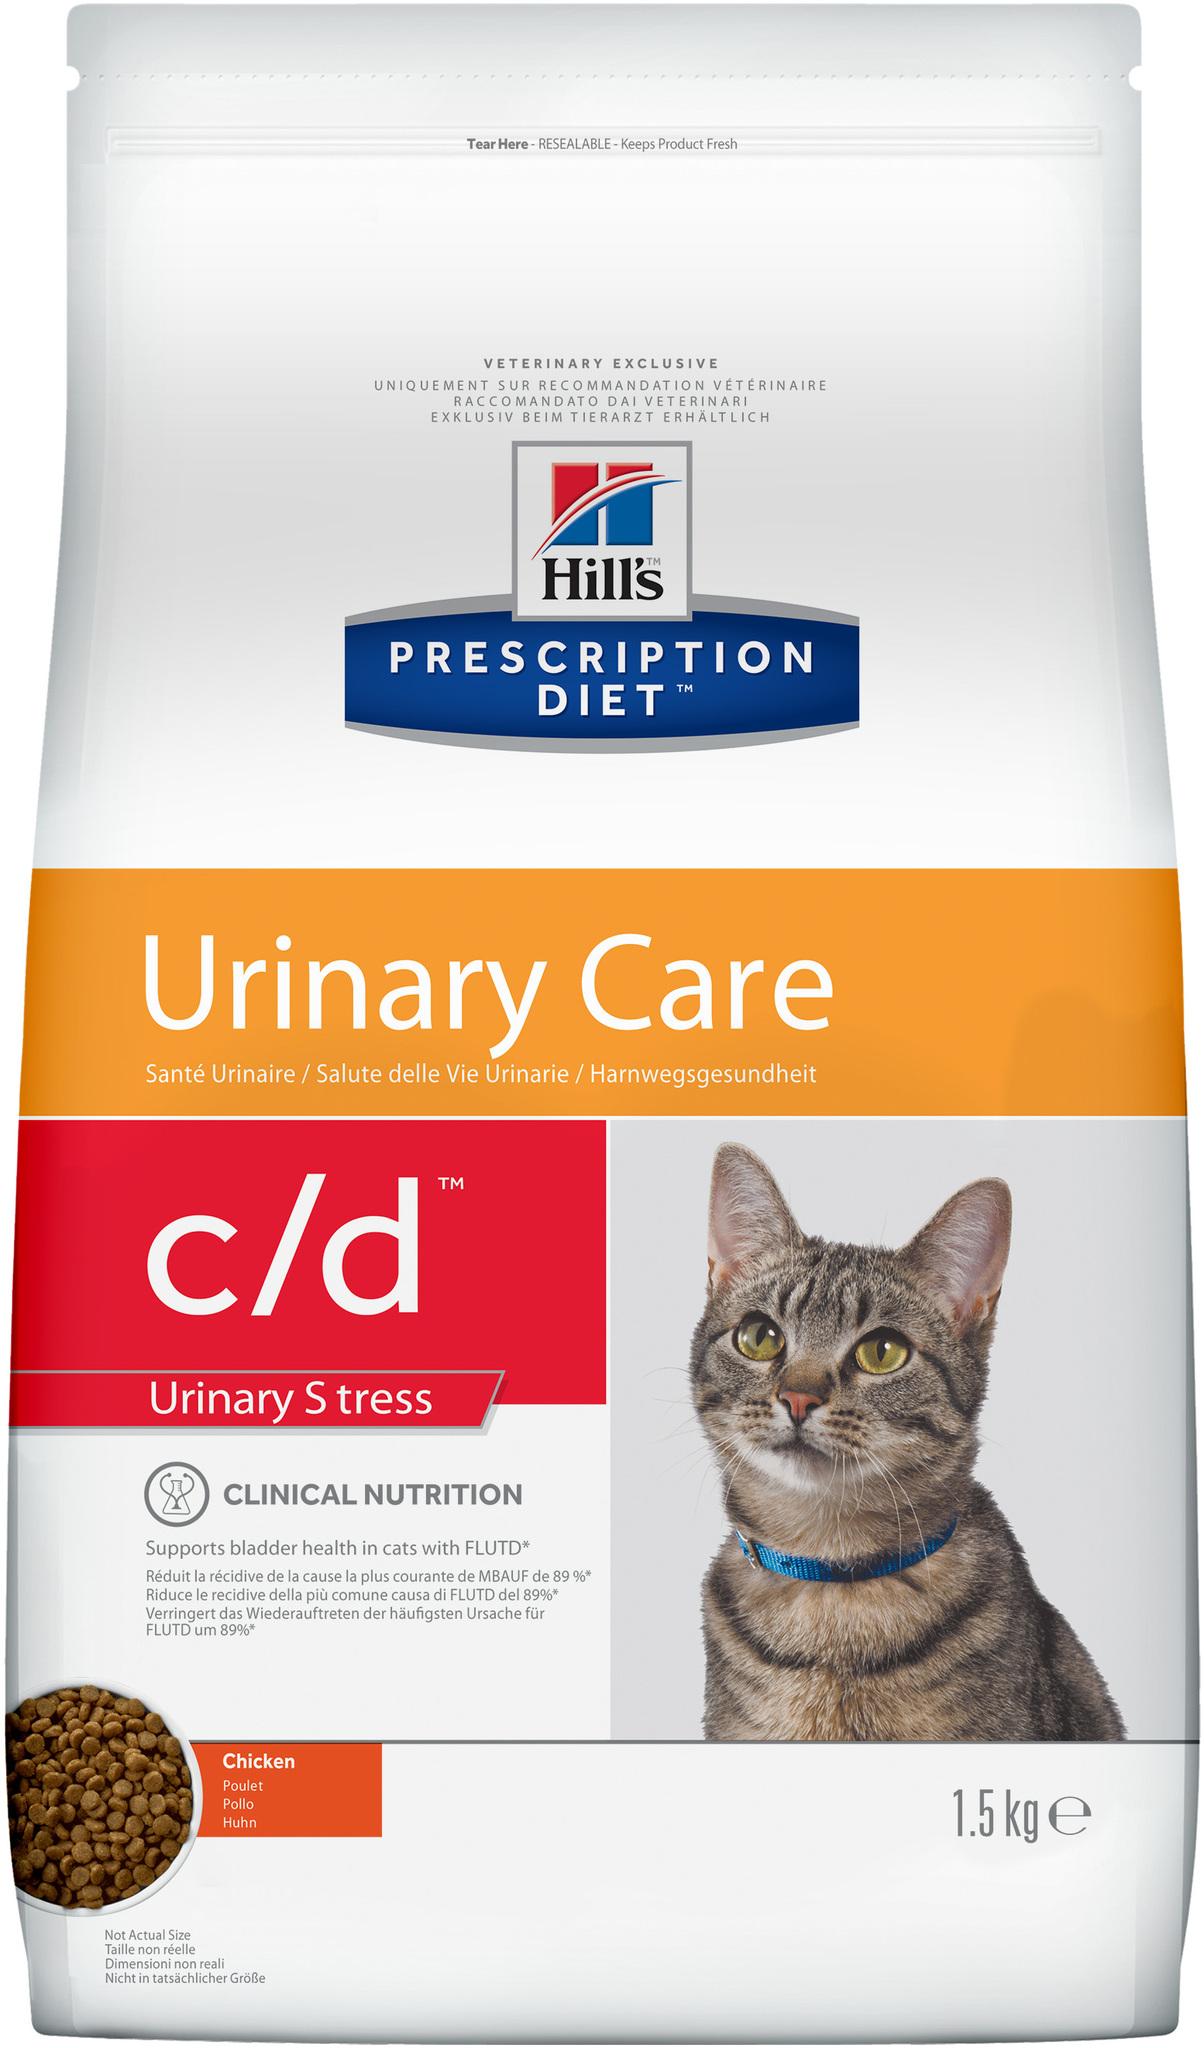 купить хиллс  диетический Hill's™ Prescription Diet™ c/d™ Feline Urinary Stress with Chicken сухой корм для взрослых кошек, диета при стрессах, цистите с курицей 1.5 кг